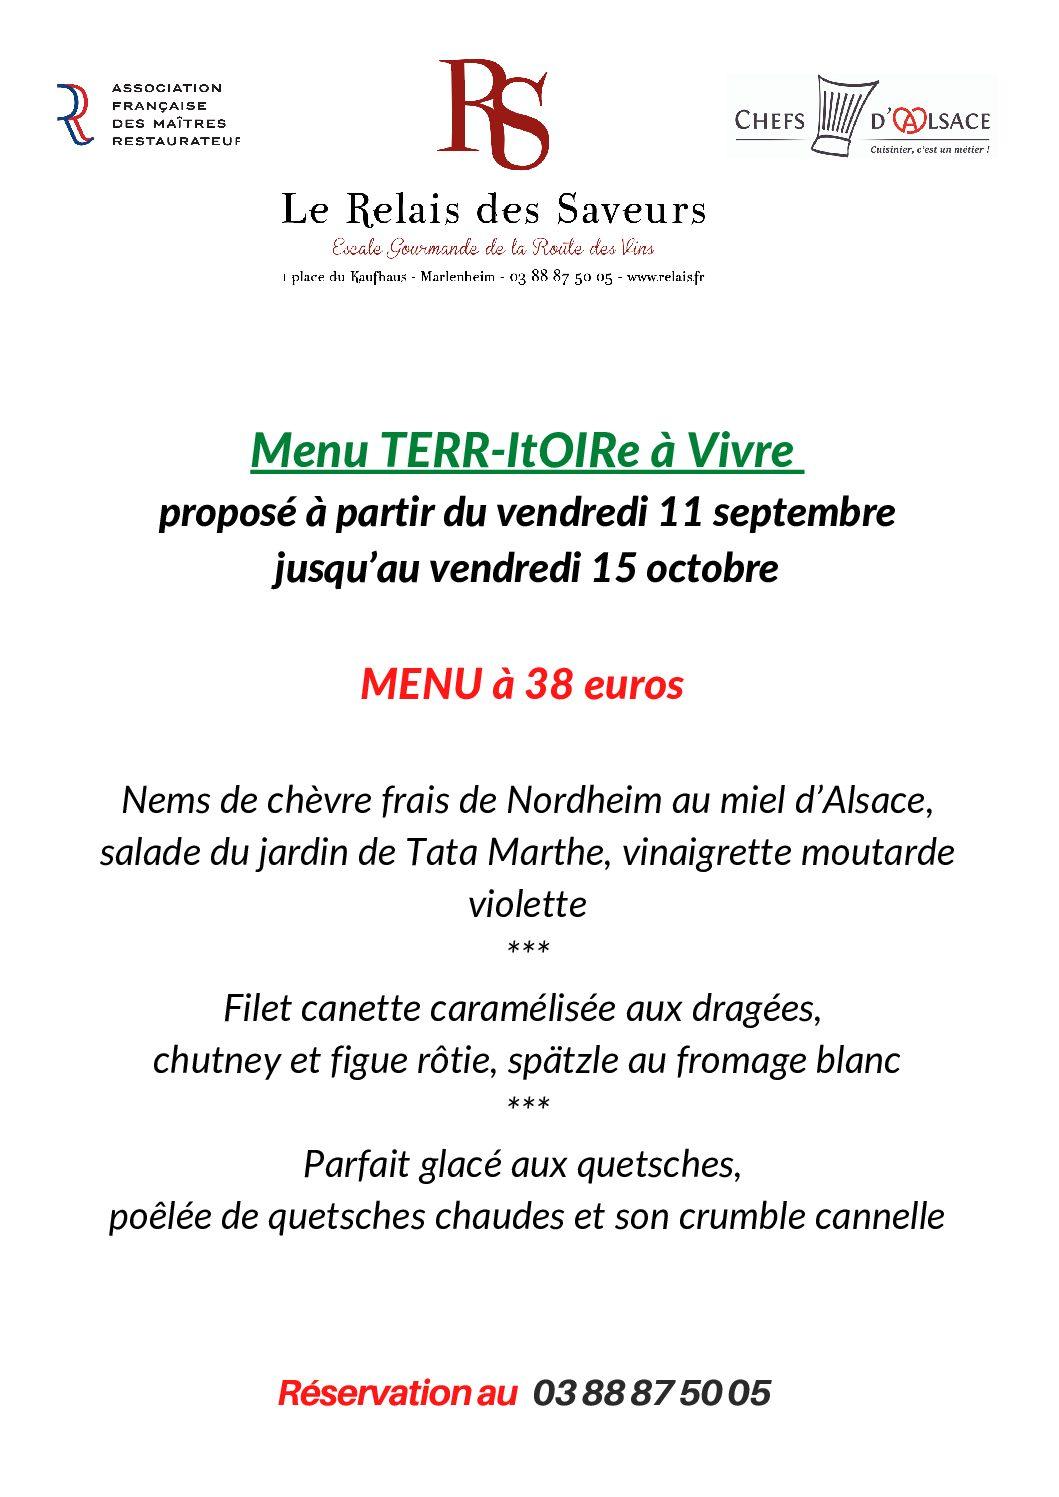 Evènement « Un TERR-itOIRe à Vivre » du 11 septembre au 16 octobre 2021  Menu du Terroir avec produits locaux